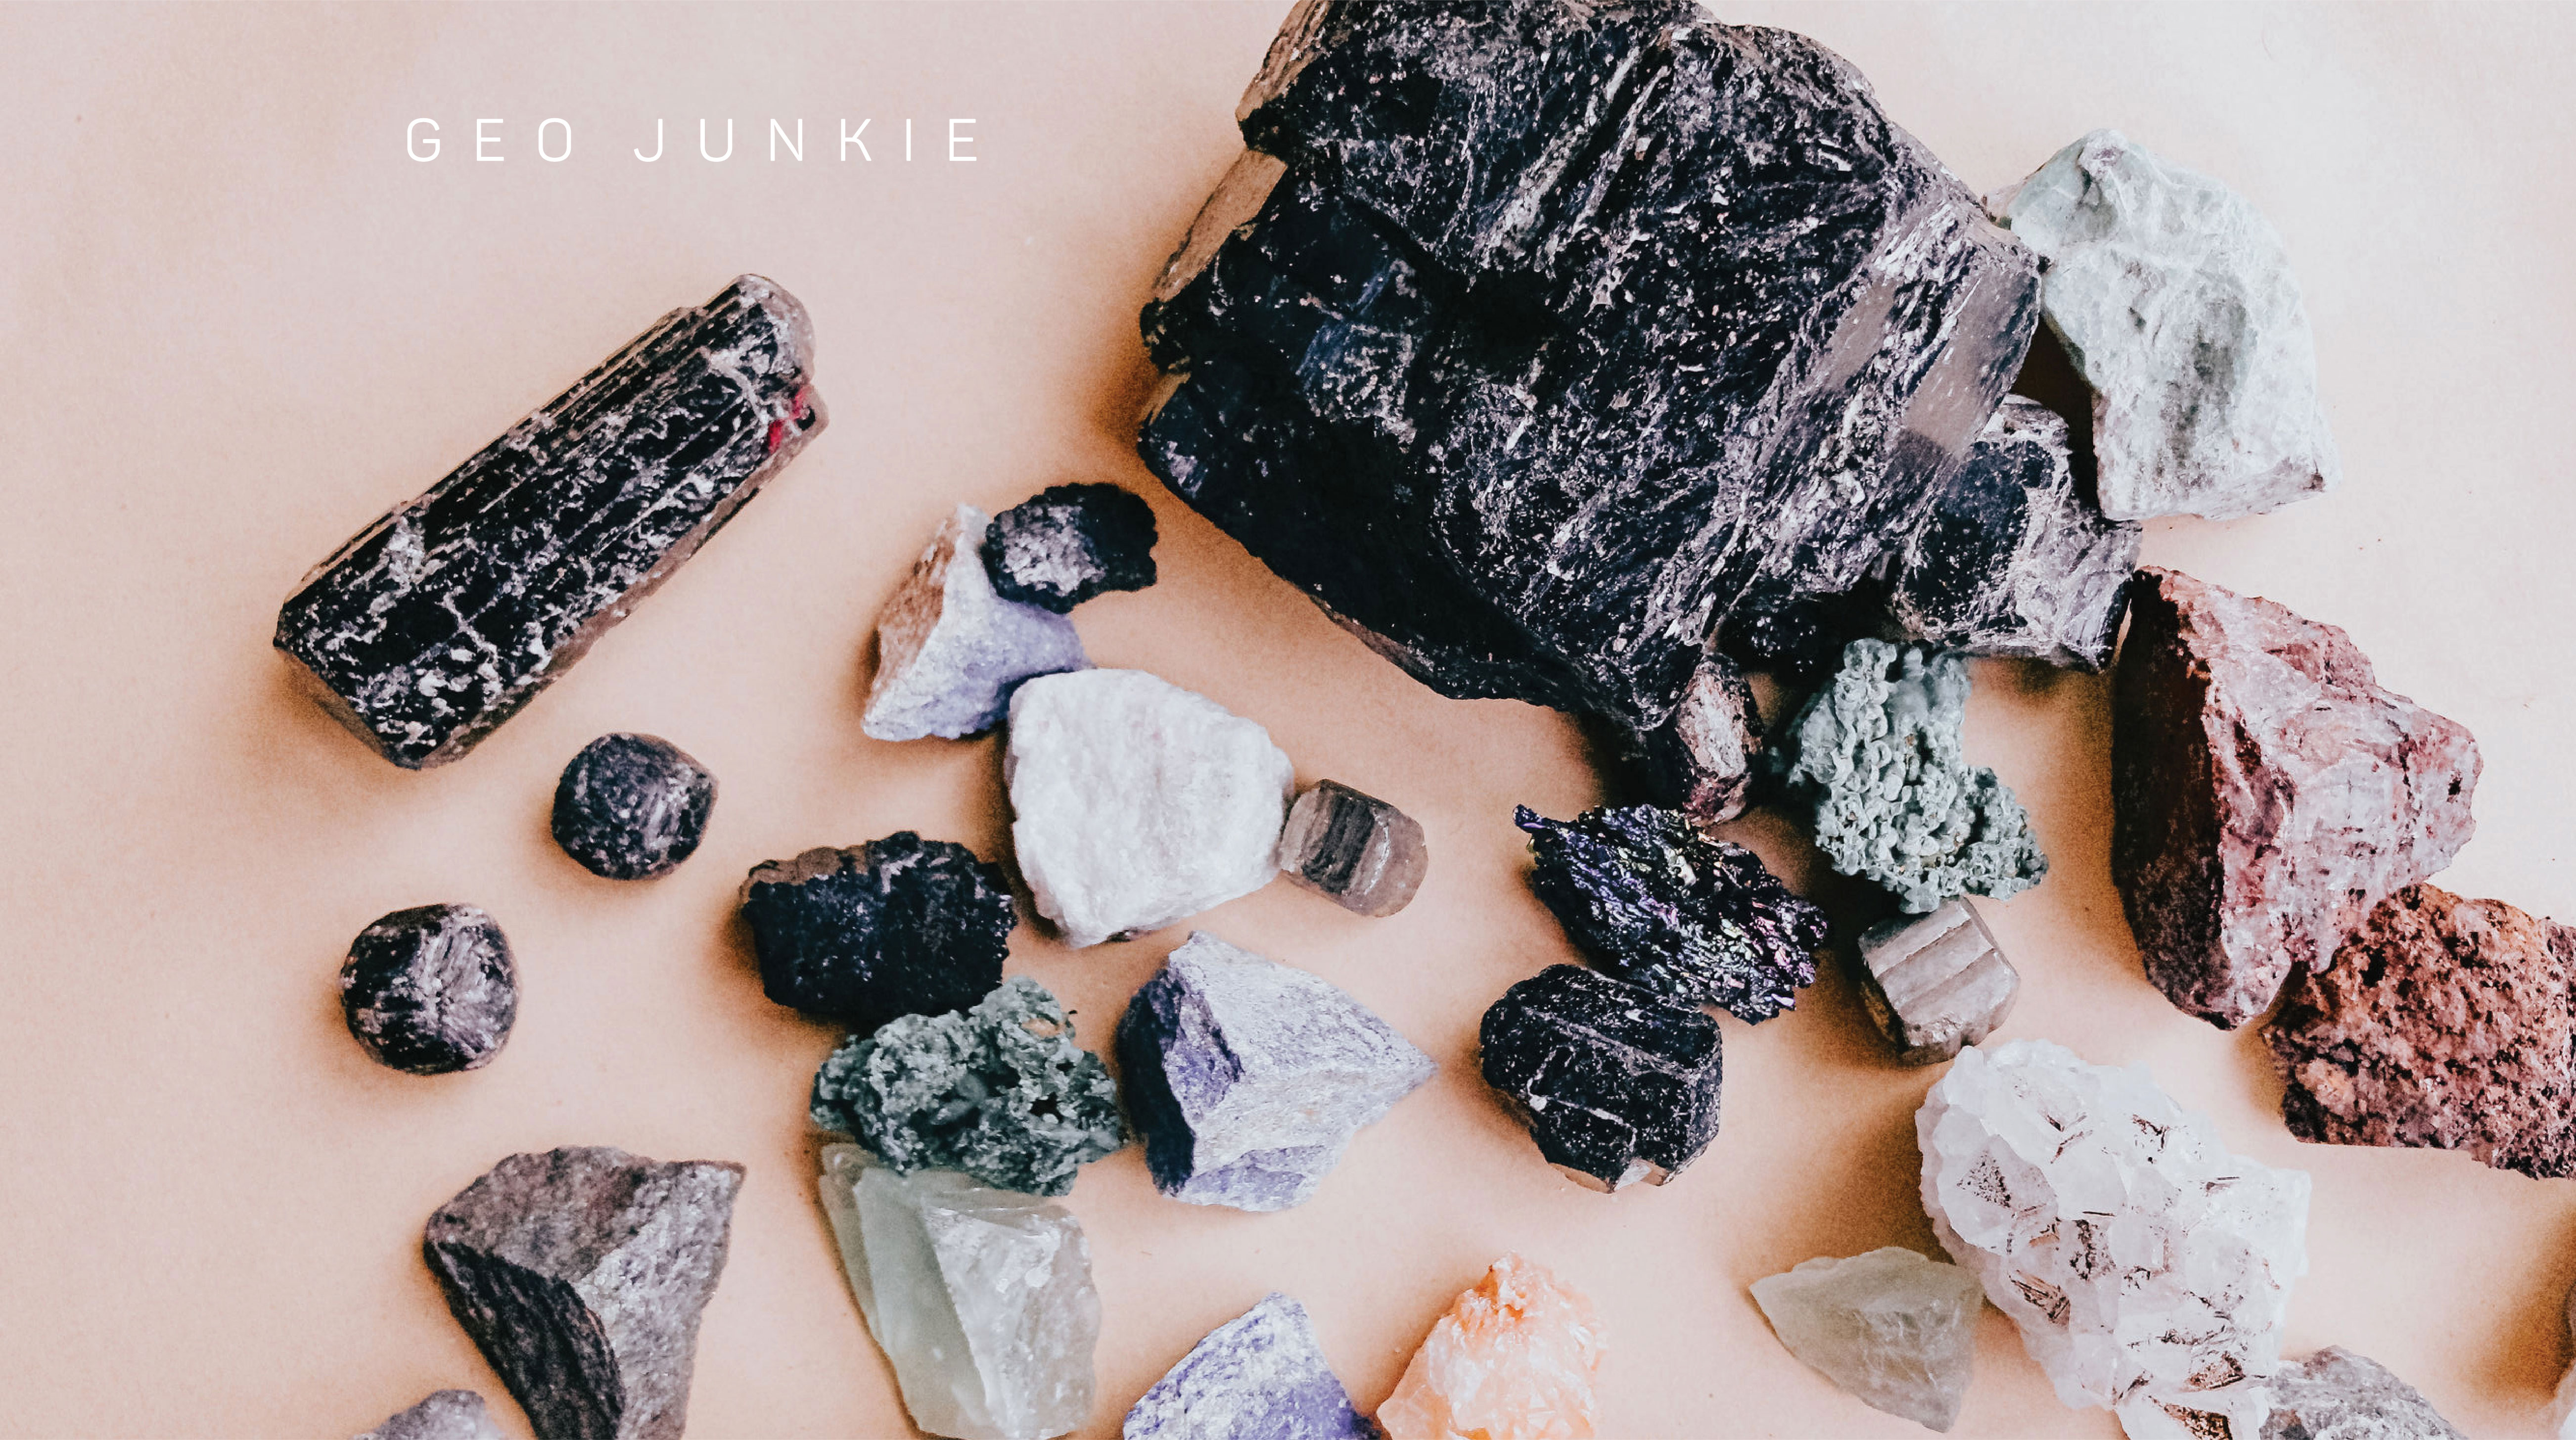 Geo Junkie Branding